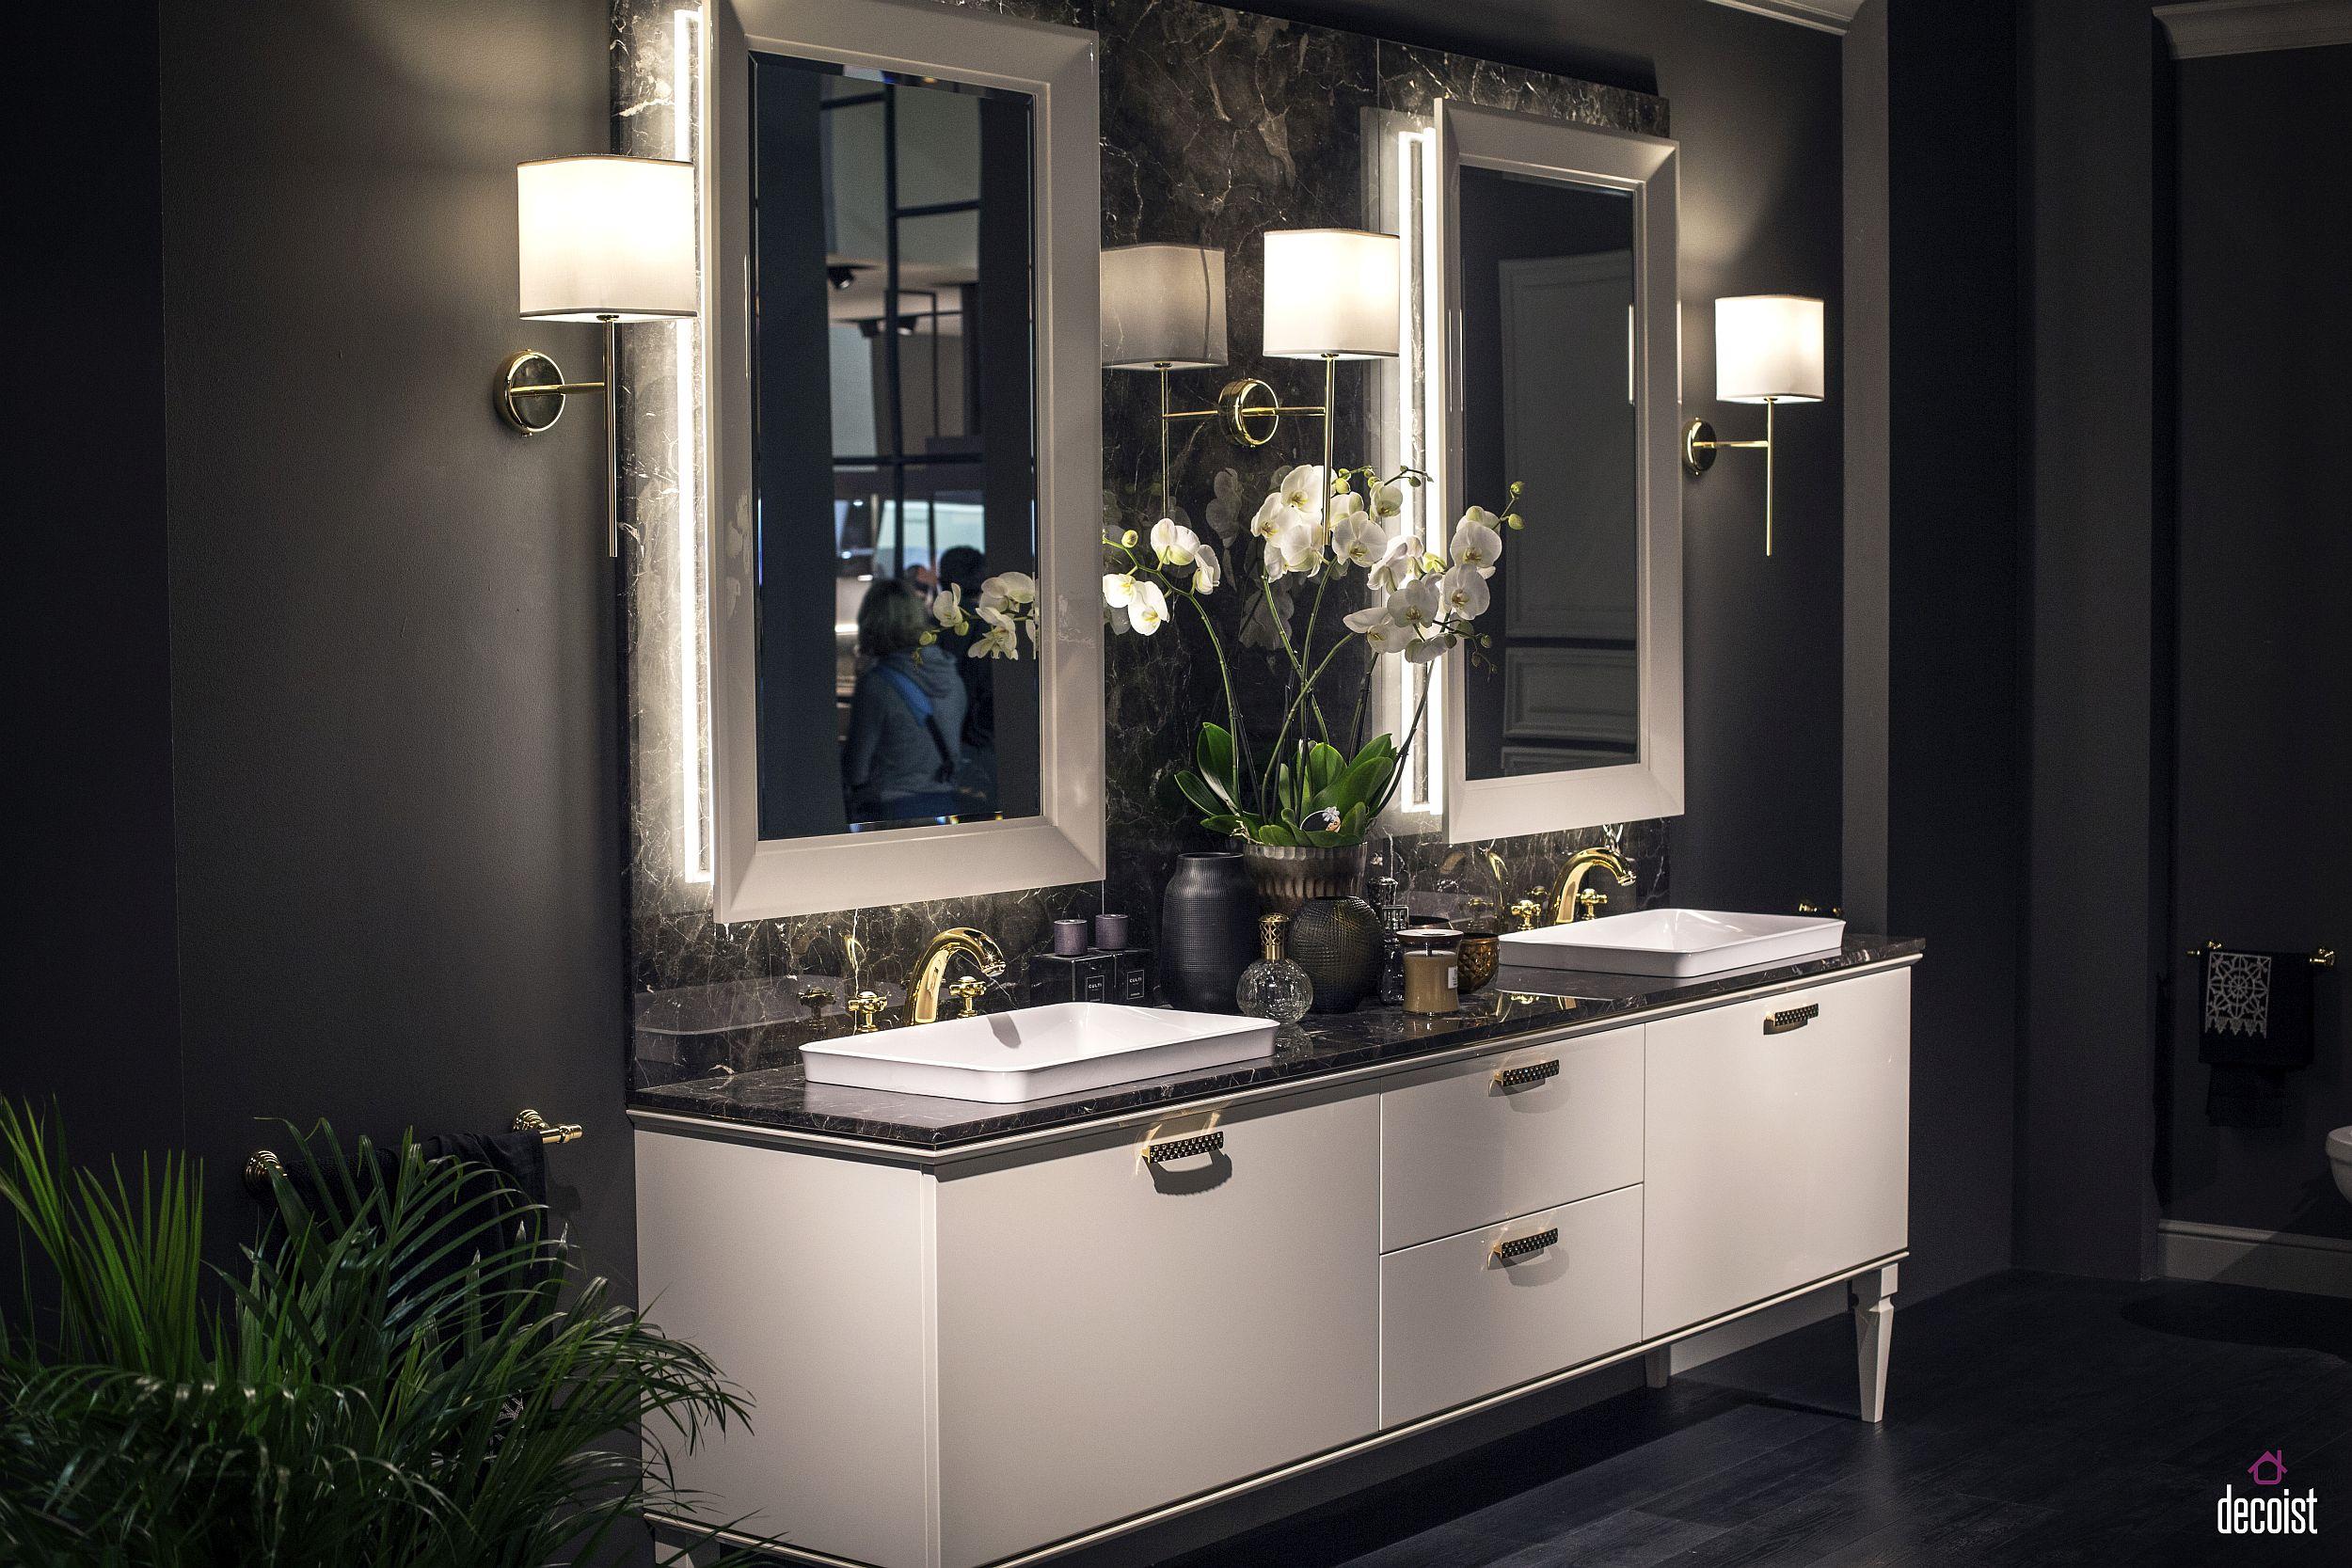 Contemporary bathroom design from Scavolini